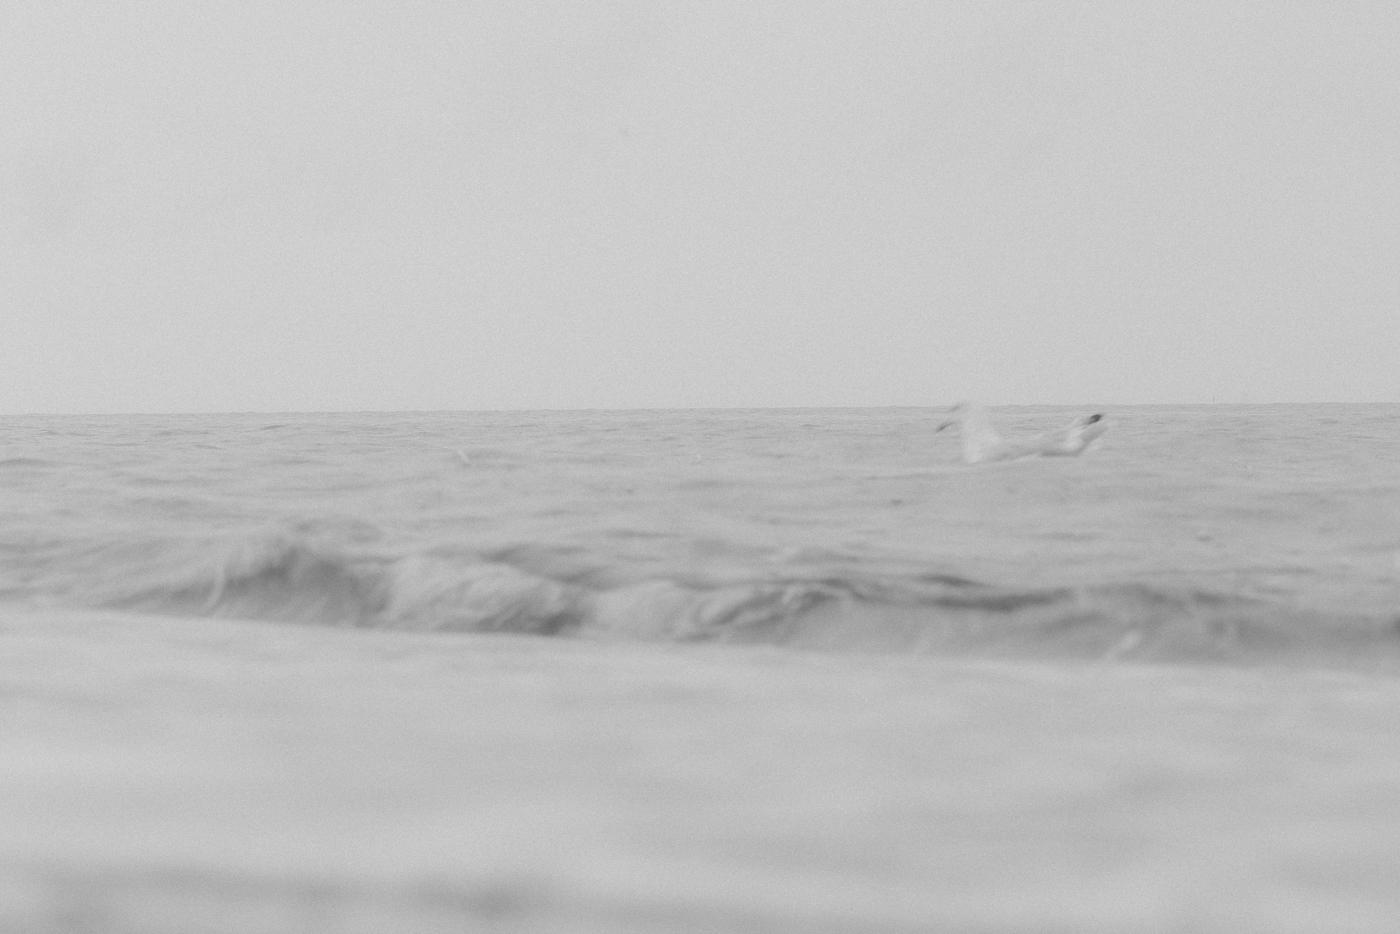 Das Thalasso-Prinzip Natürlich bedeutet Thalasso noch sehr viel mehr als nur frische Luft zu atmen. Vielmehr handelt es sich sogar um eine Therapie, deren Geheimnis in den natürlichen Inhaltsstoffen und der natürlichen Umgebung des Meeres liegt. Die Luft, die man hier atmet, ist reich an den Spurenelementen, Mineralstoffen und Vitaminen, die Meerwasser und Meeresalgen mit sich bringen. Angefangen bei Stress & Erschöpfung helfen diese Aerosole nachweislich auch bei Atemwegs- oder Hauterkrankungen. Q.e.d.: Eine Reise ans Meer kann immer nur heilsam sein.